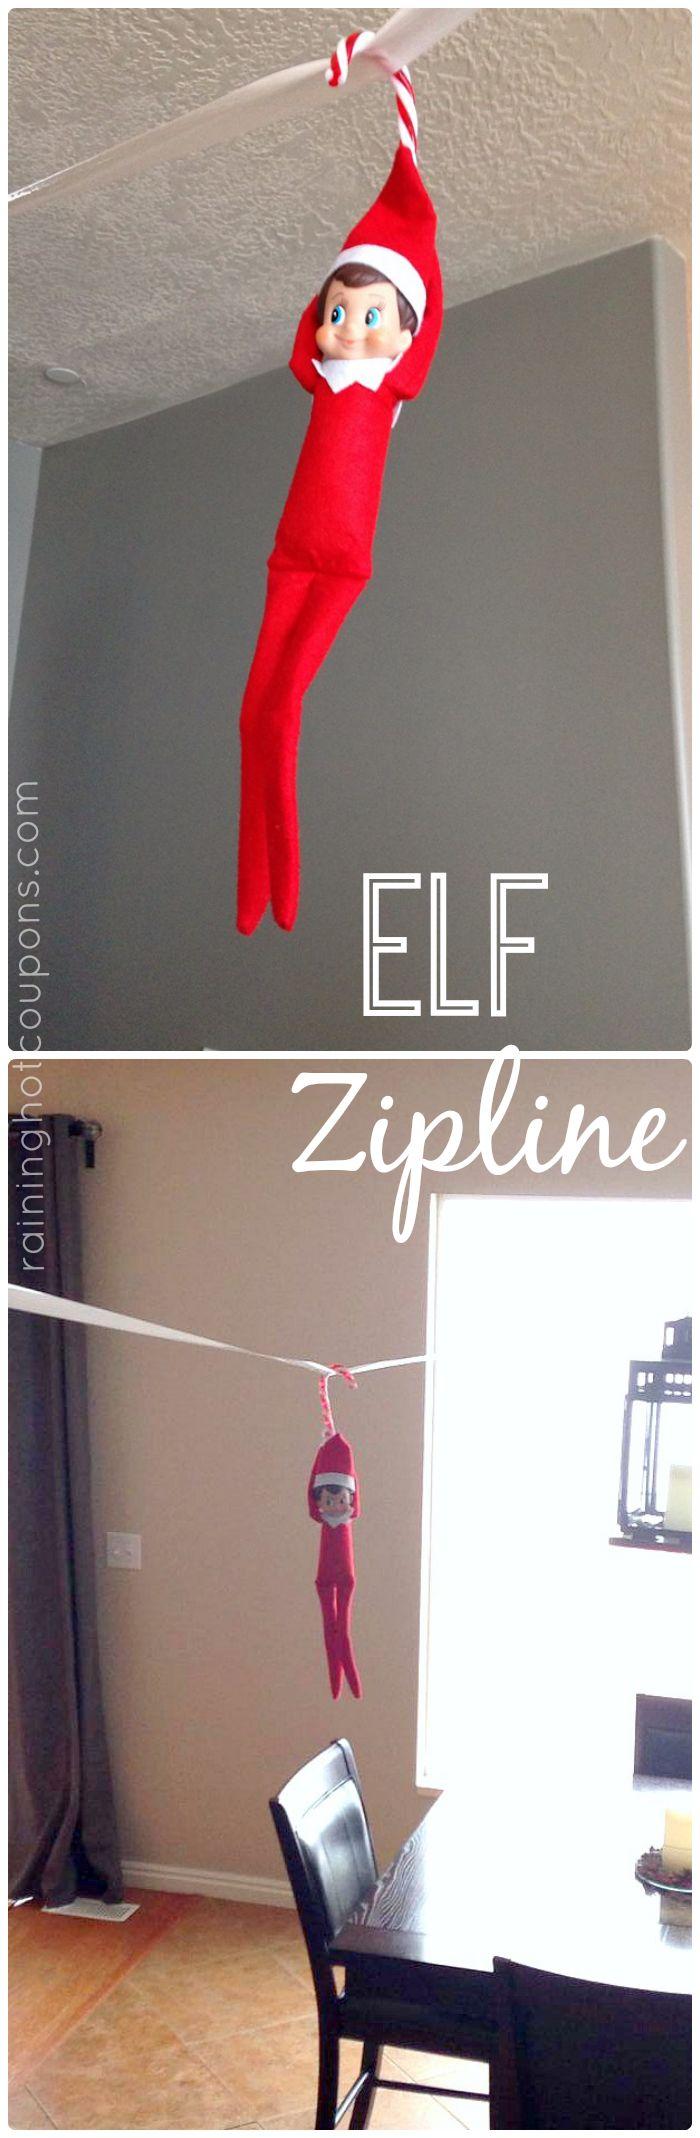 Elf on a Zipline